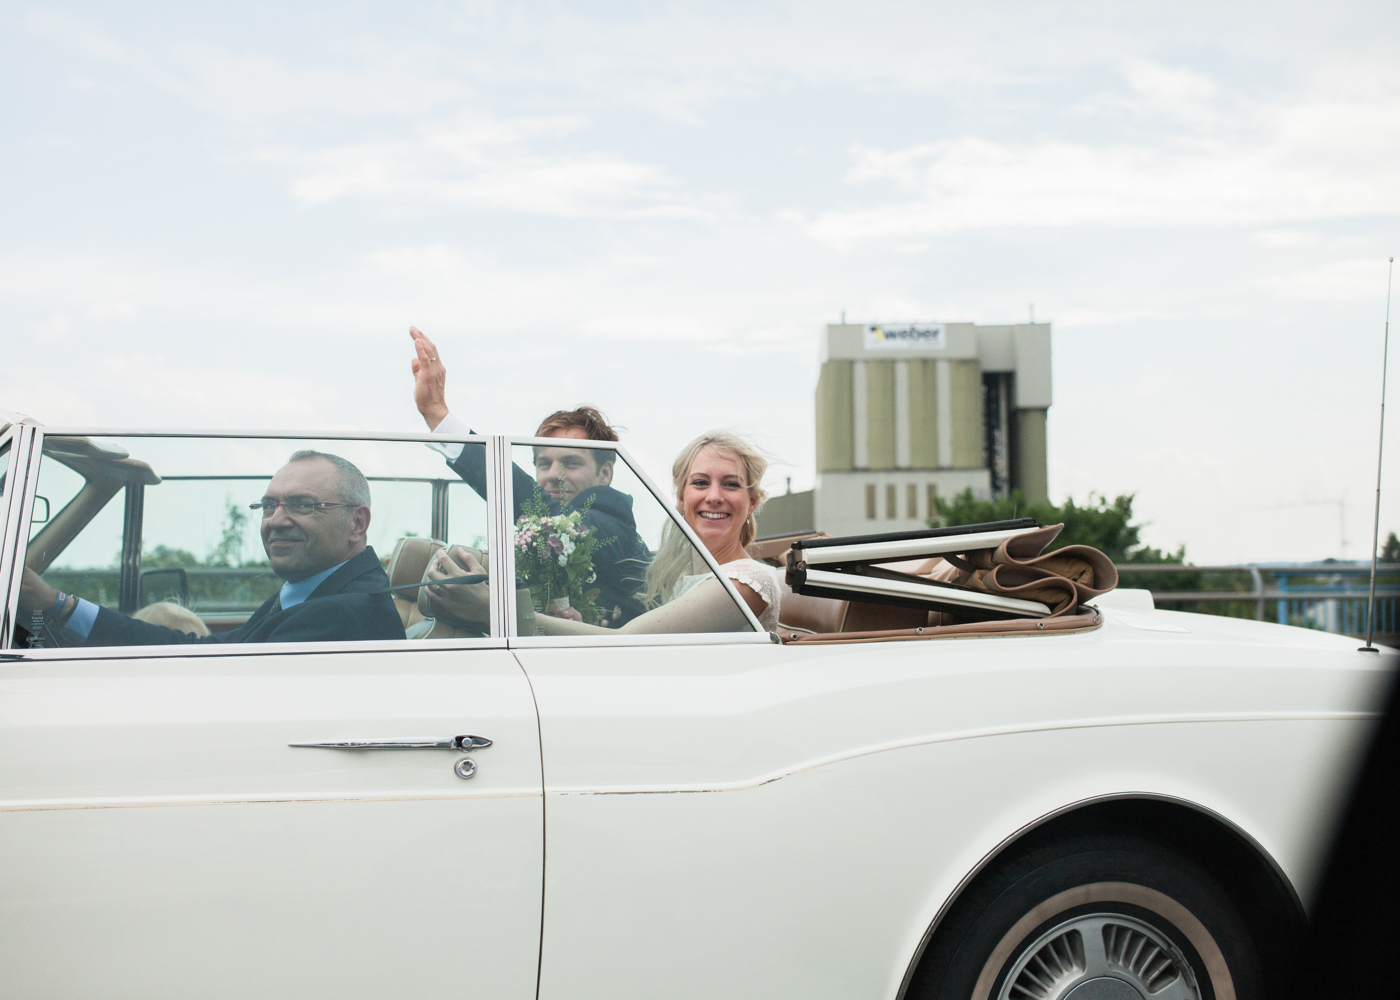 Hochzeitsreportage_Kiesendahl_ClaudiaundWolf_Blog_037.jpg